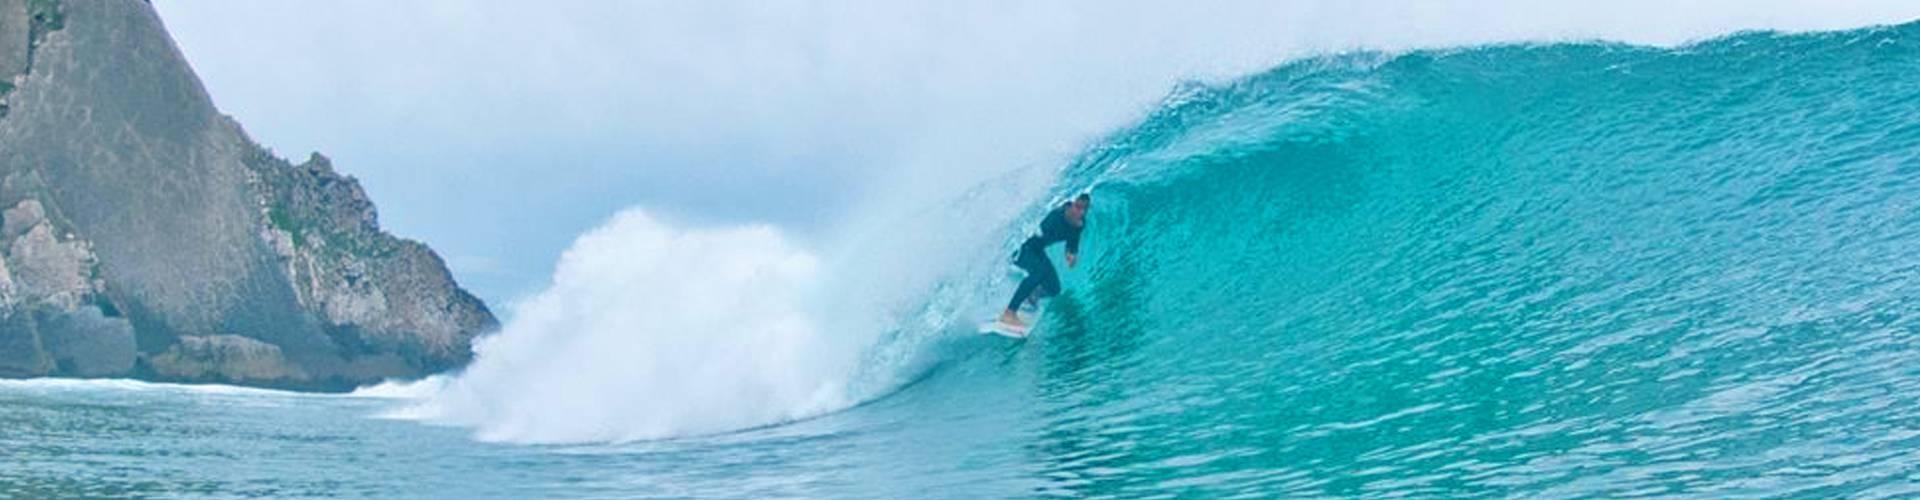 surf wave sintra